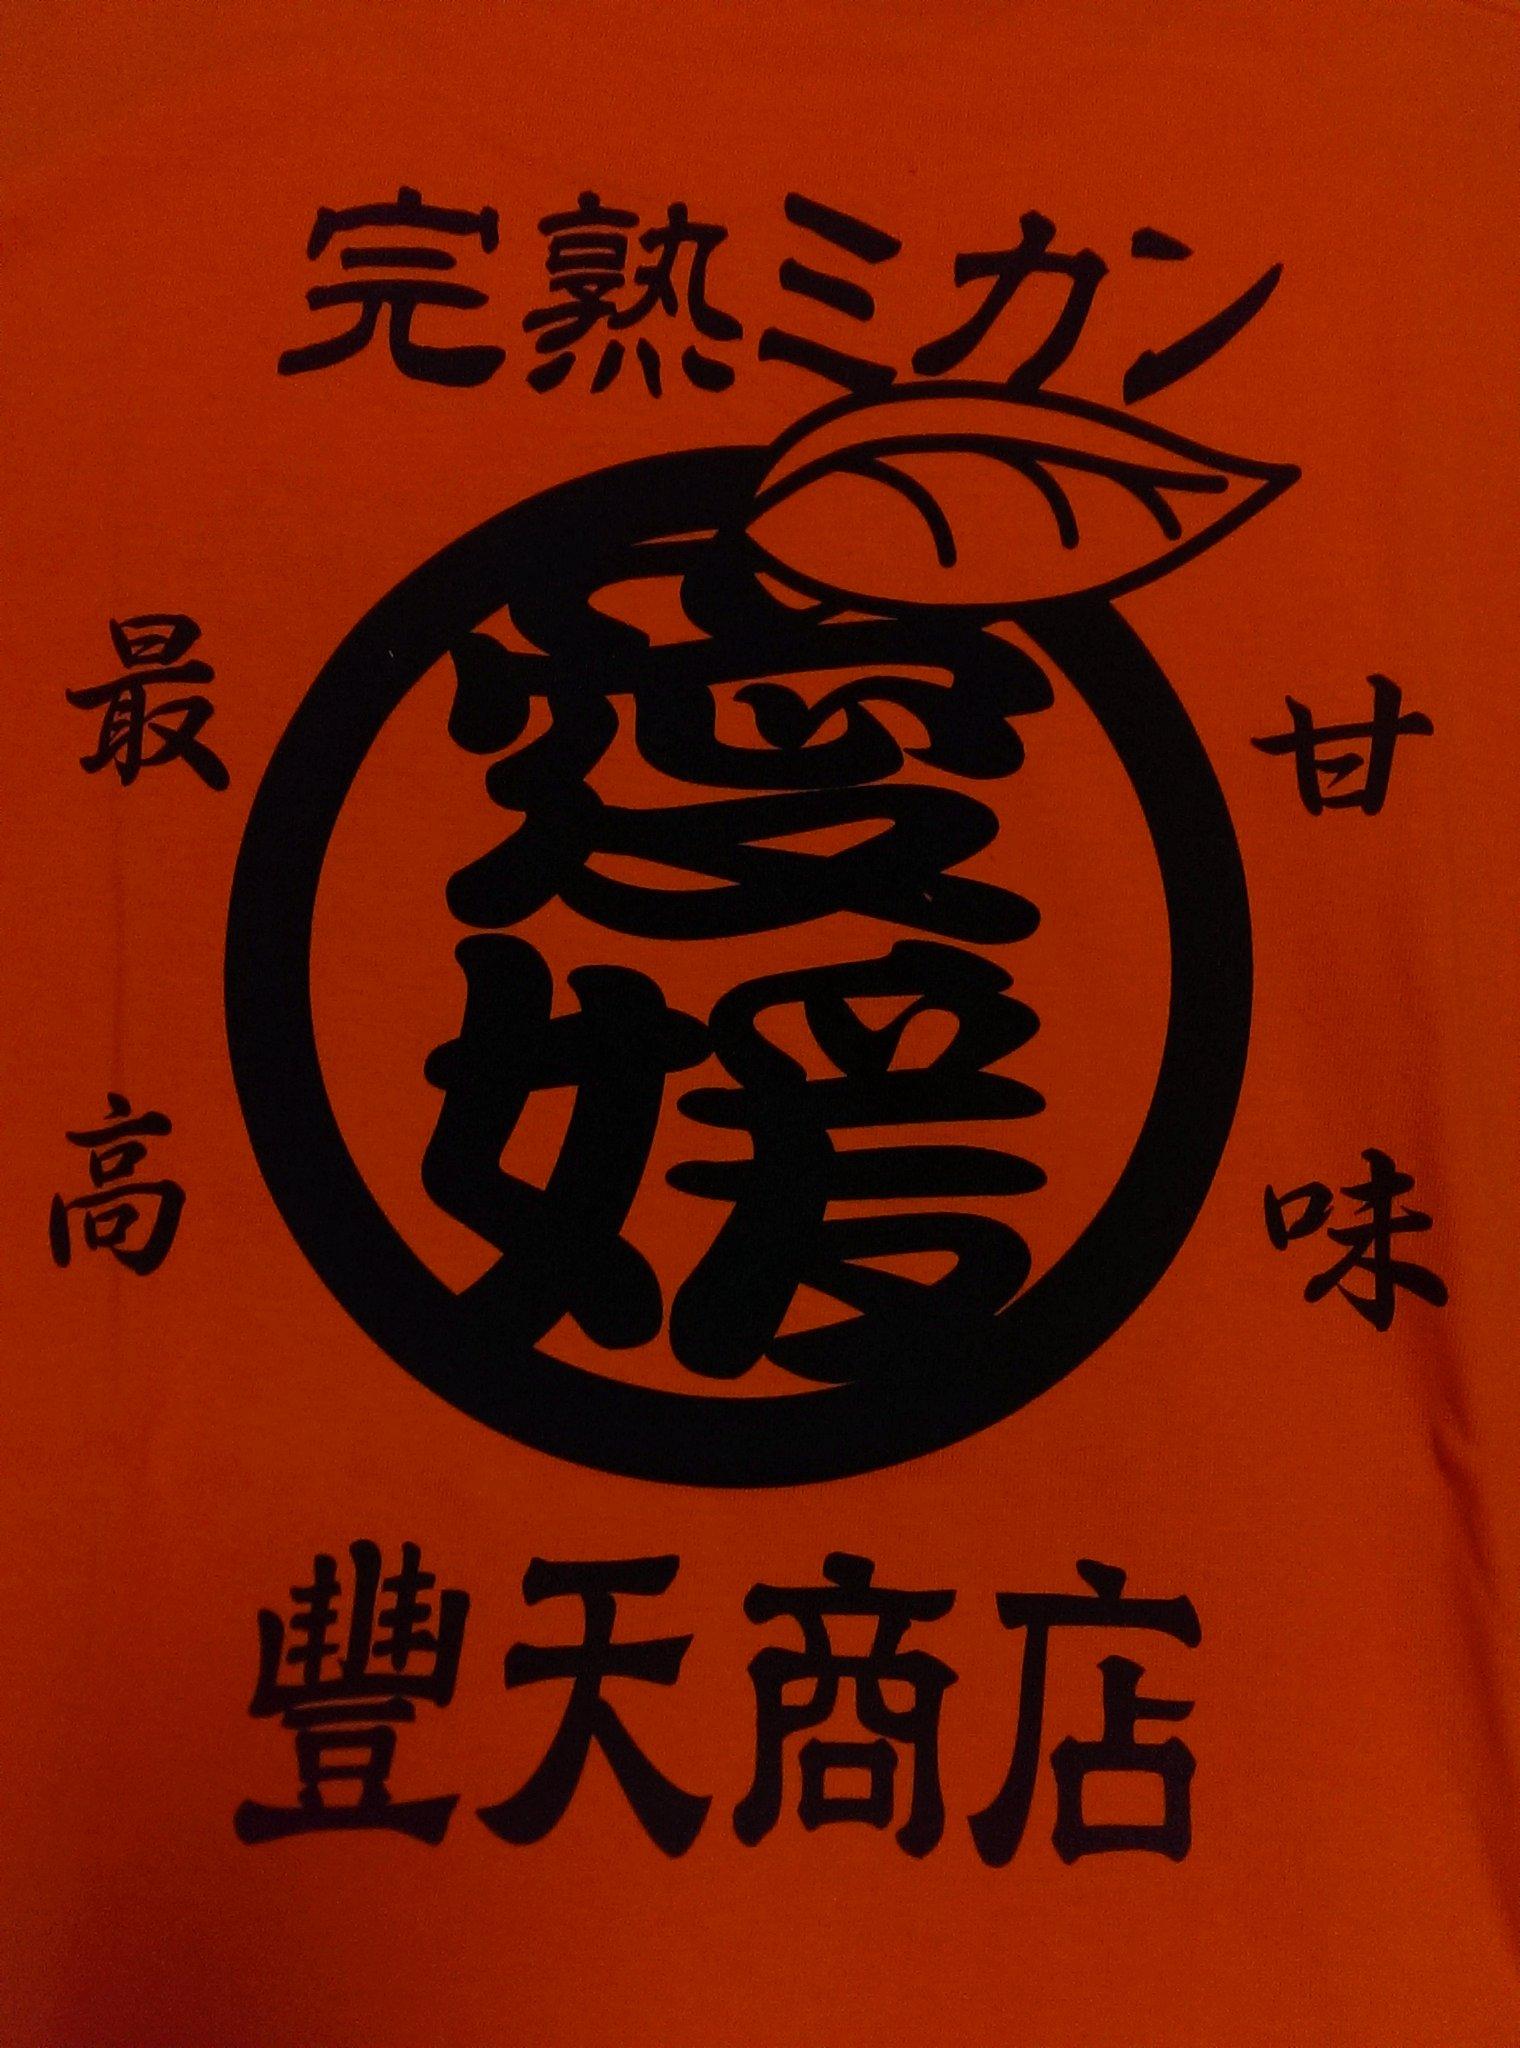 久しぶりに愛媛県に行ってきました。(Blog)